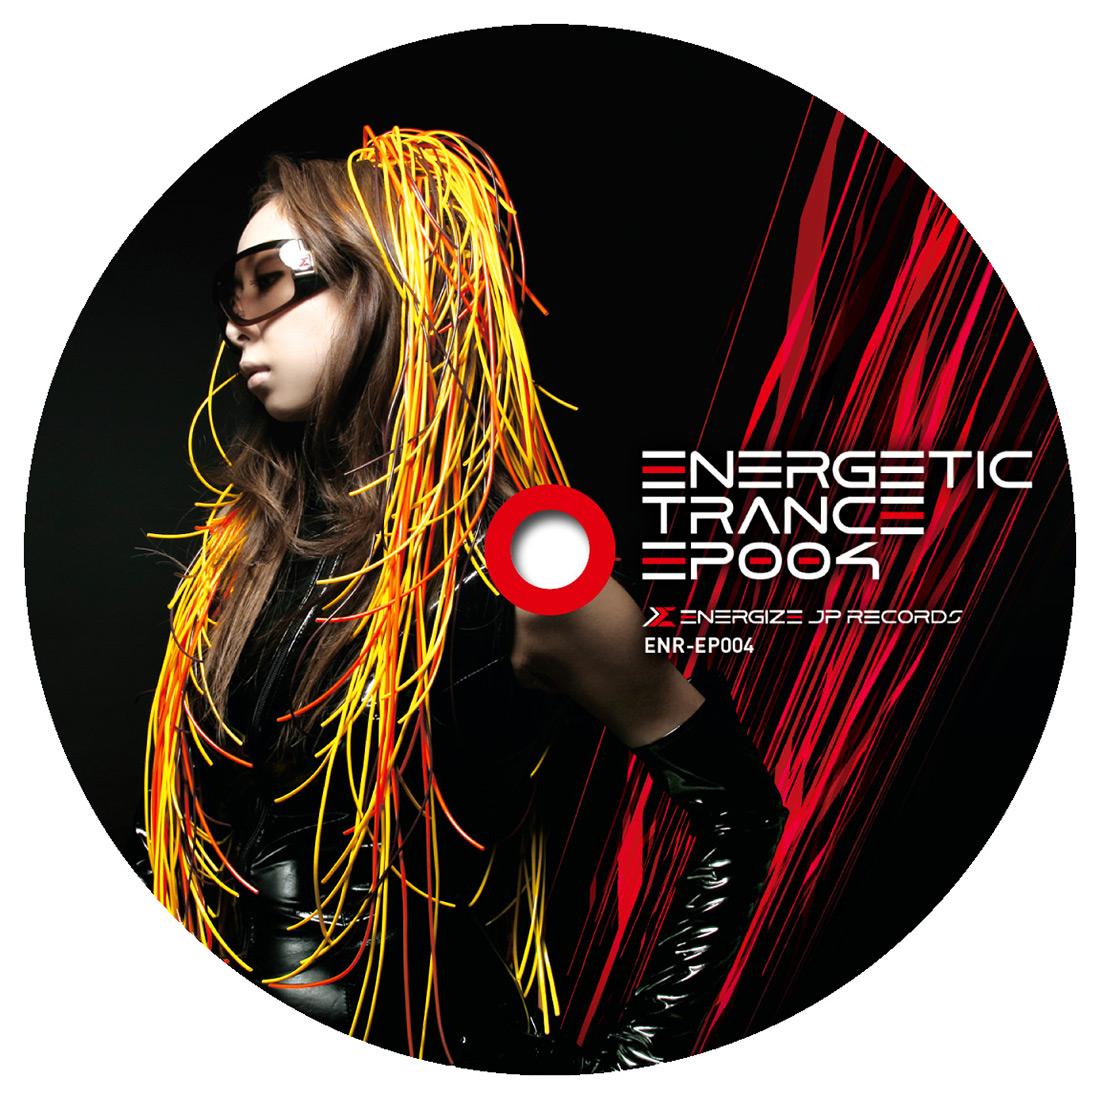 ENERGETIC TRANCE EP004